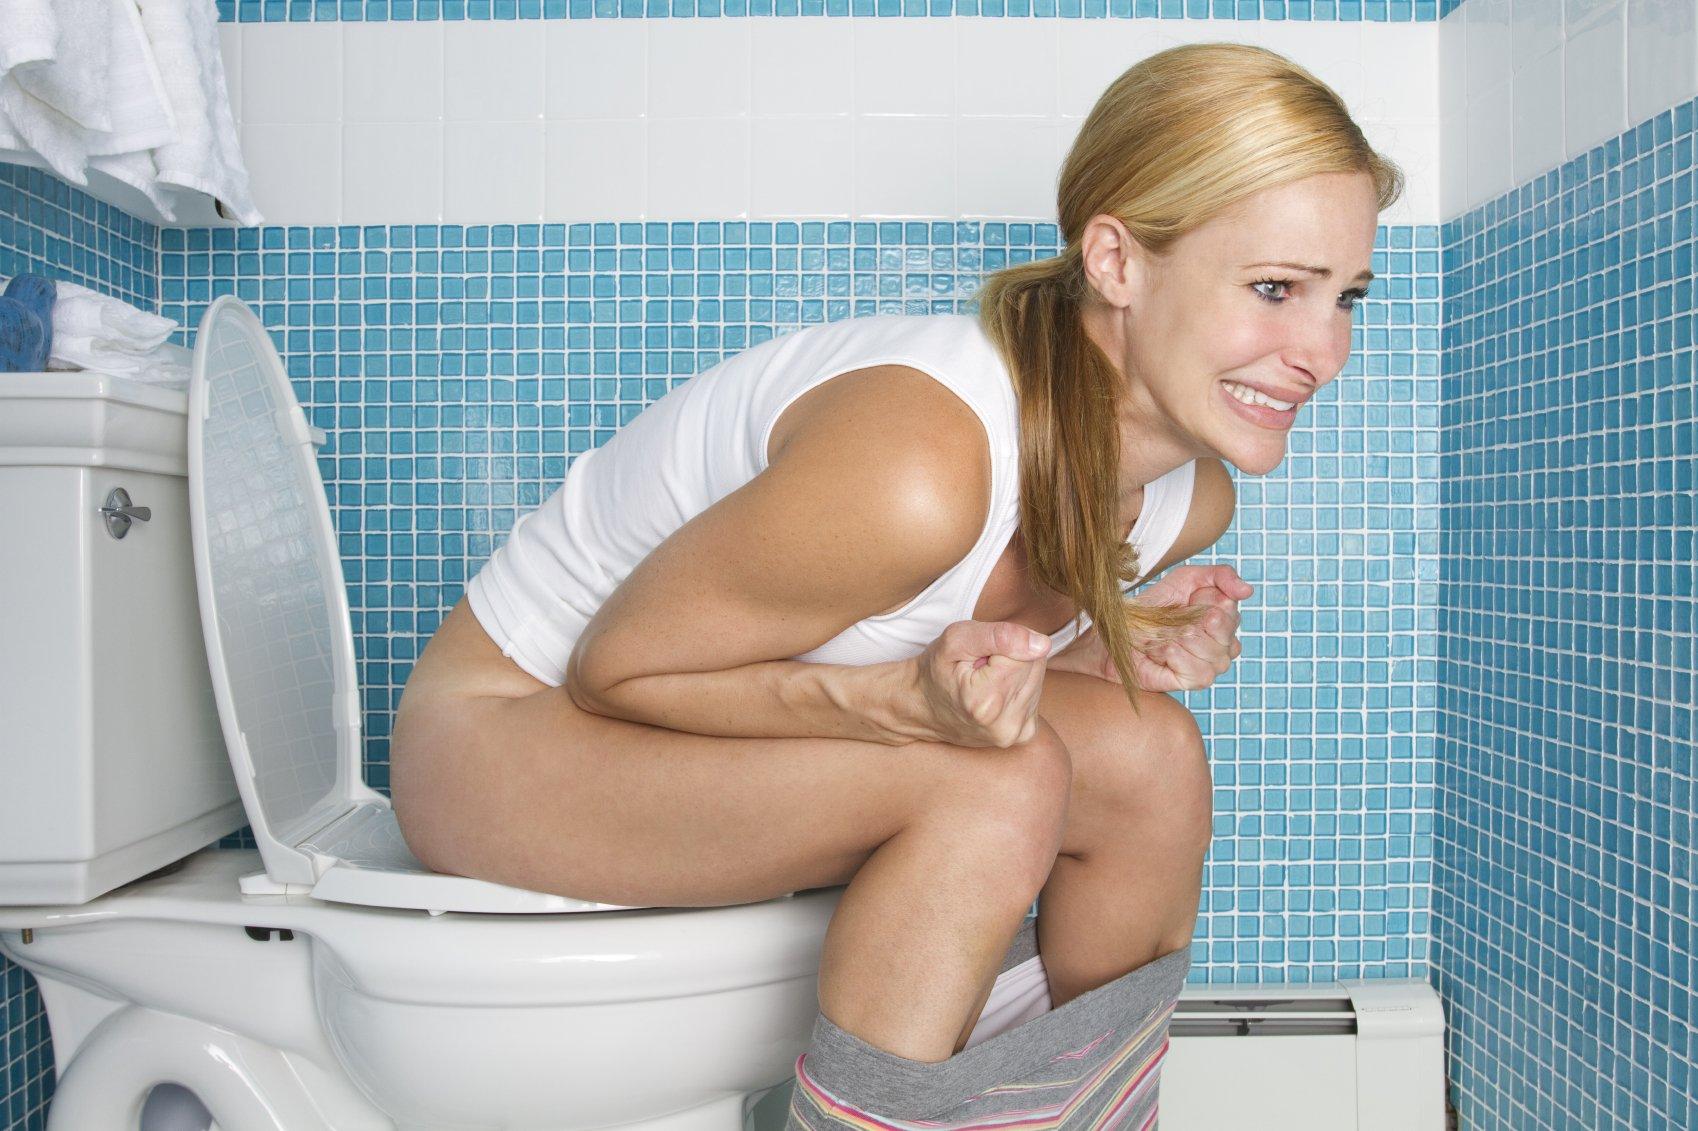 Красивая девушка в туалете